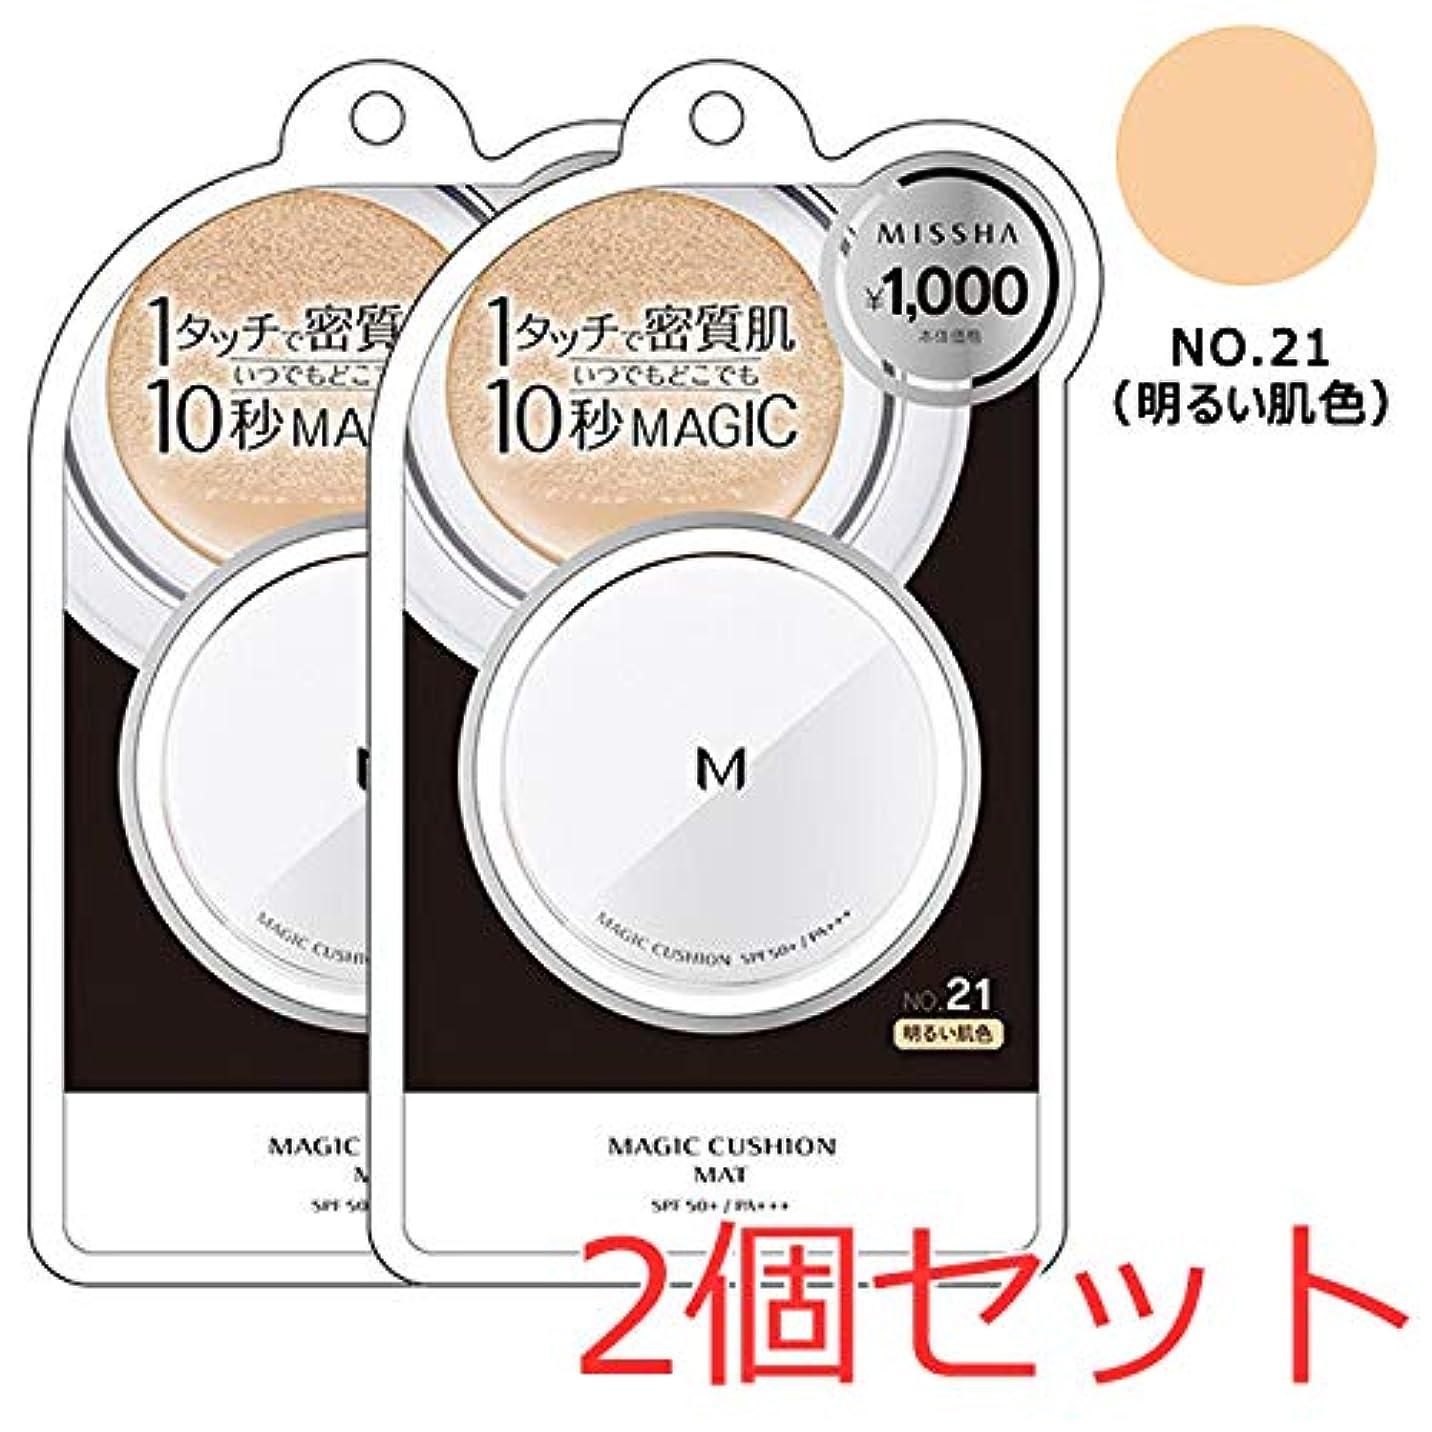 コールド古くなった焼くミシャ M クッション ファンデーション (マット) No.21 明るい肌色 2個セット